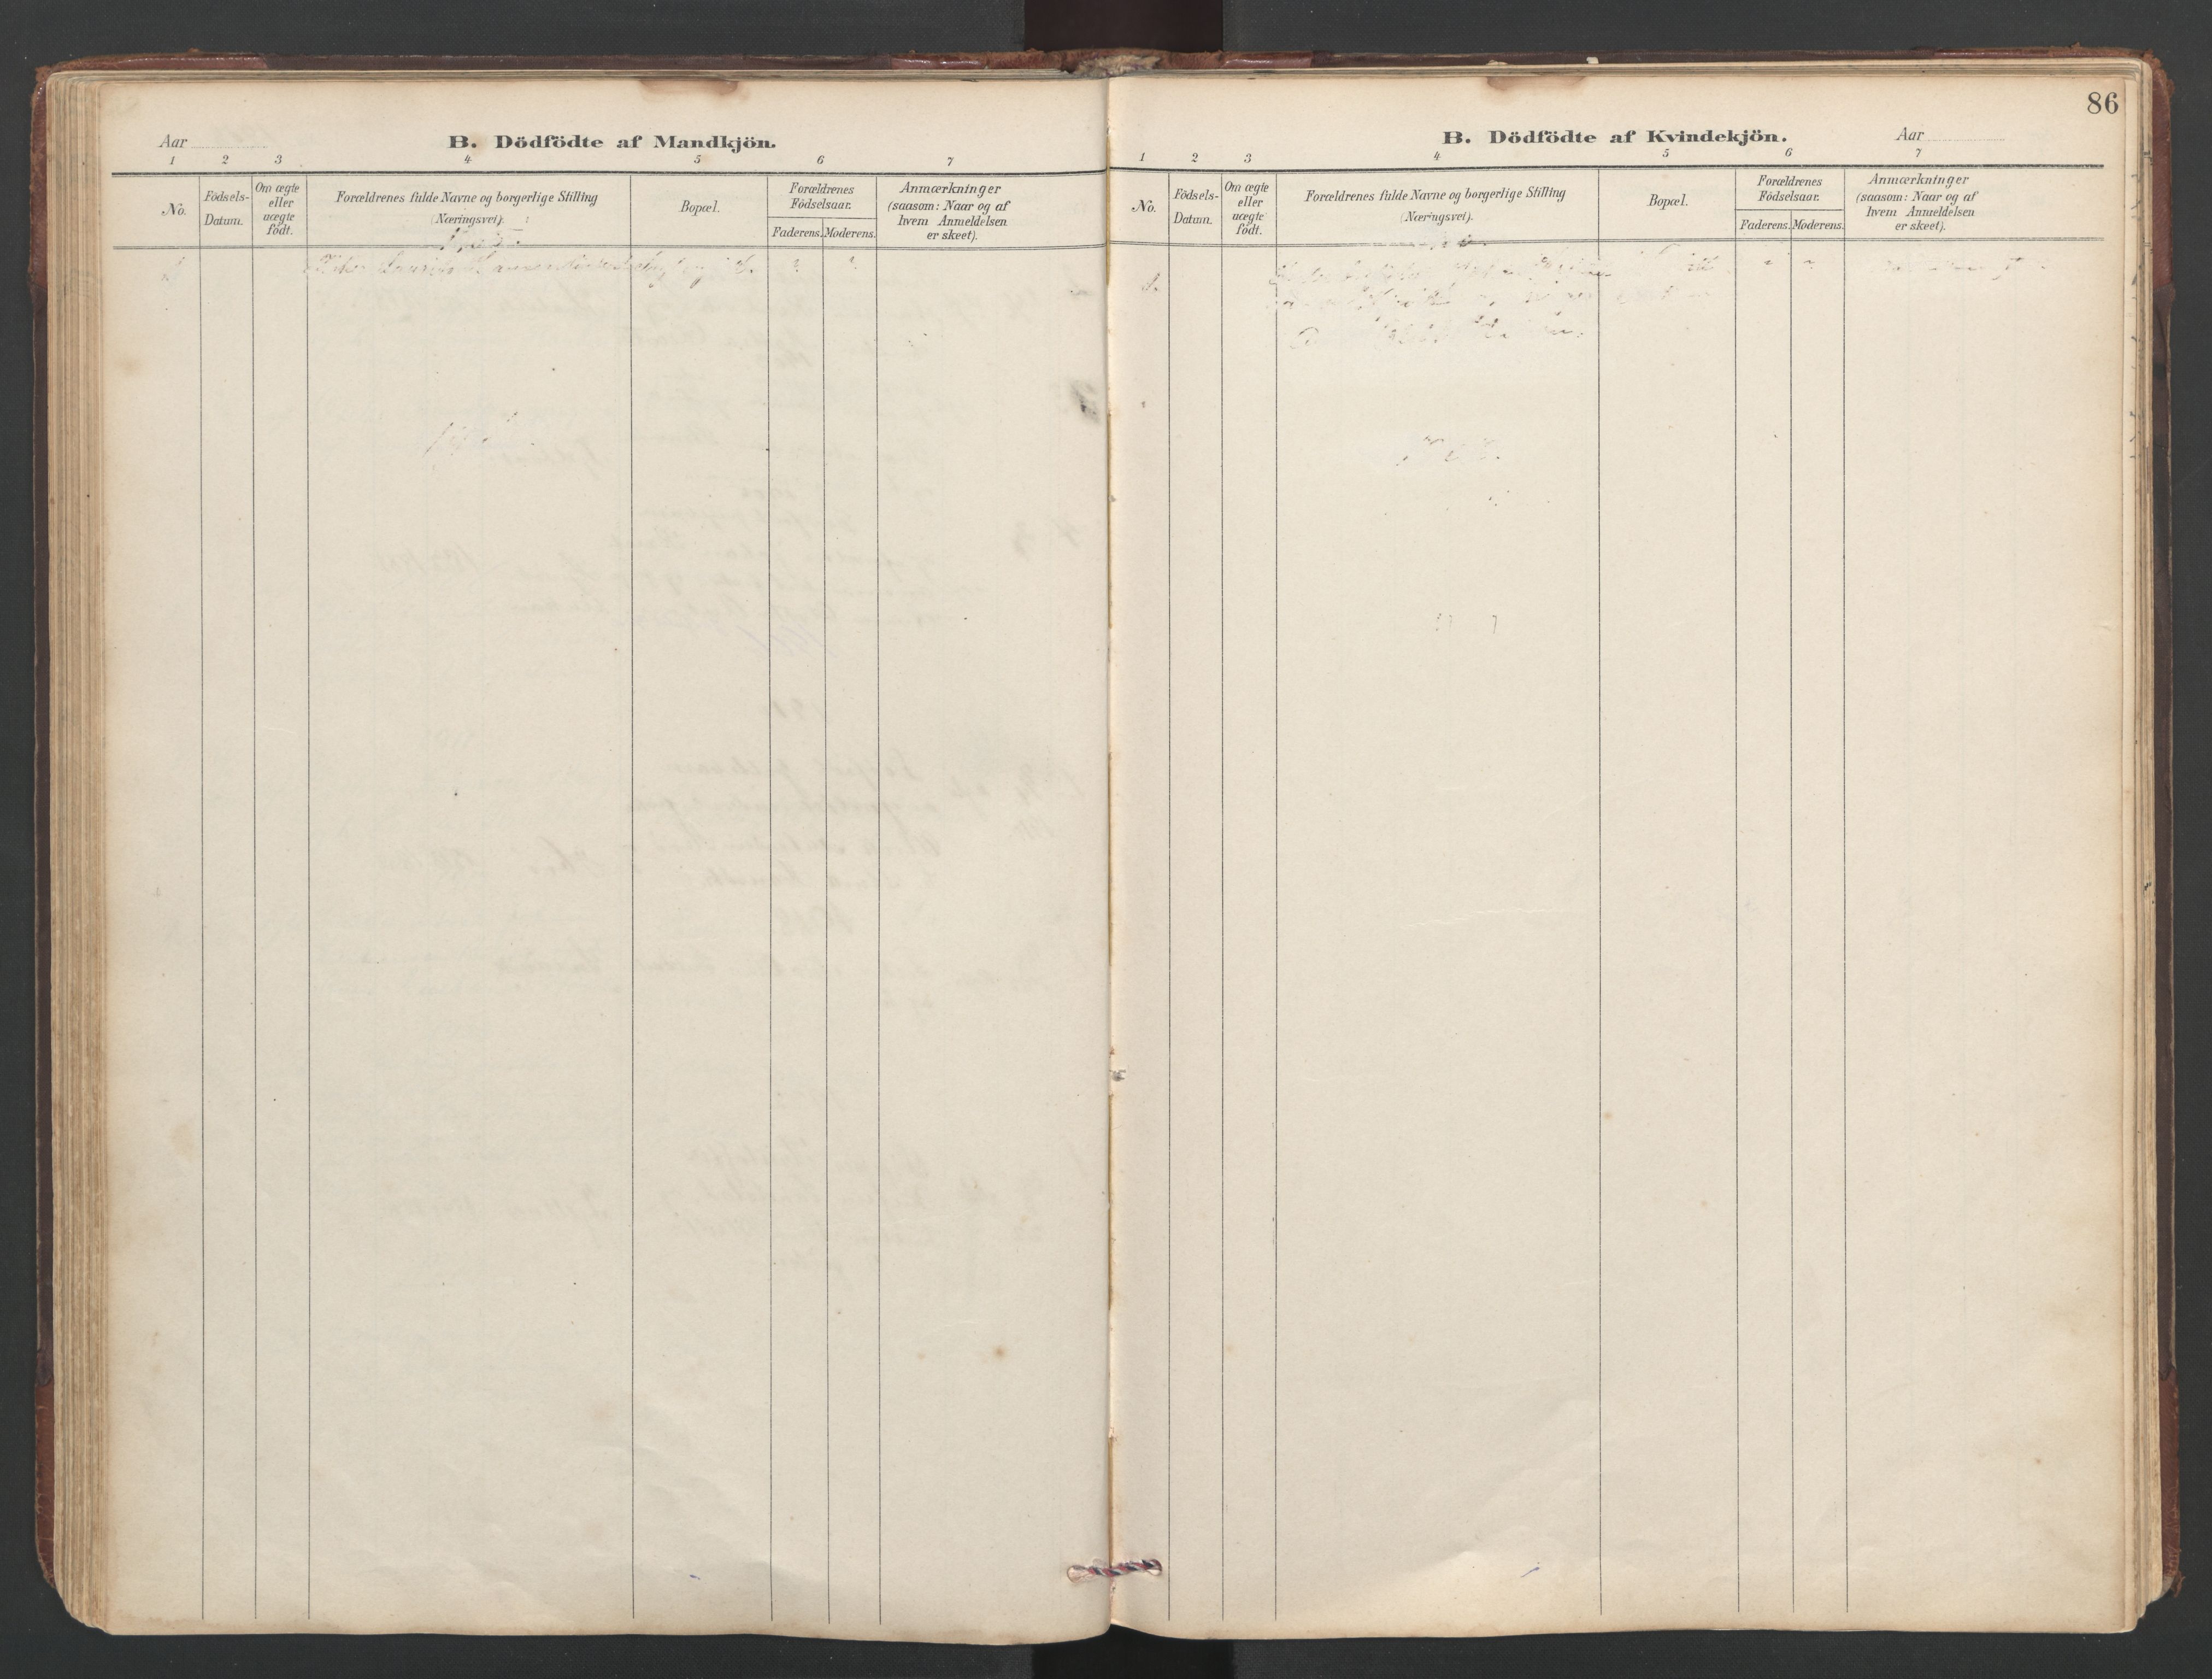 SAT, Ministerialprotokoller, klokkerbøker og fødselsregistre - Sør-Trøndelag, 638/L0571: Klokkerbok nr. 638C03, 1901-1930, s. 86